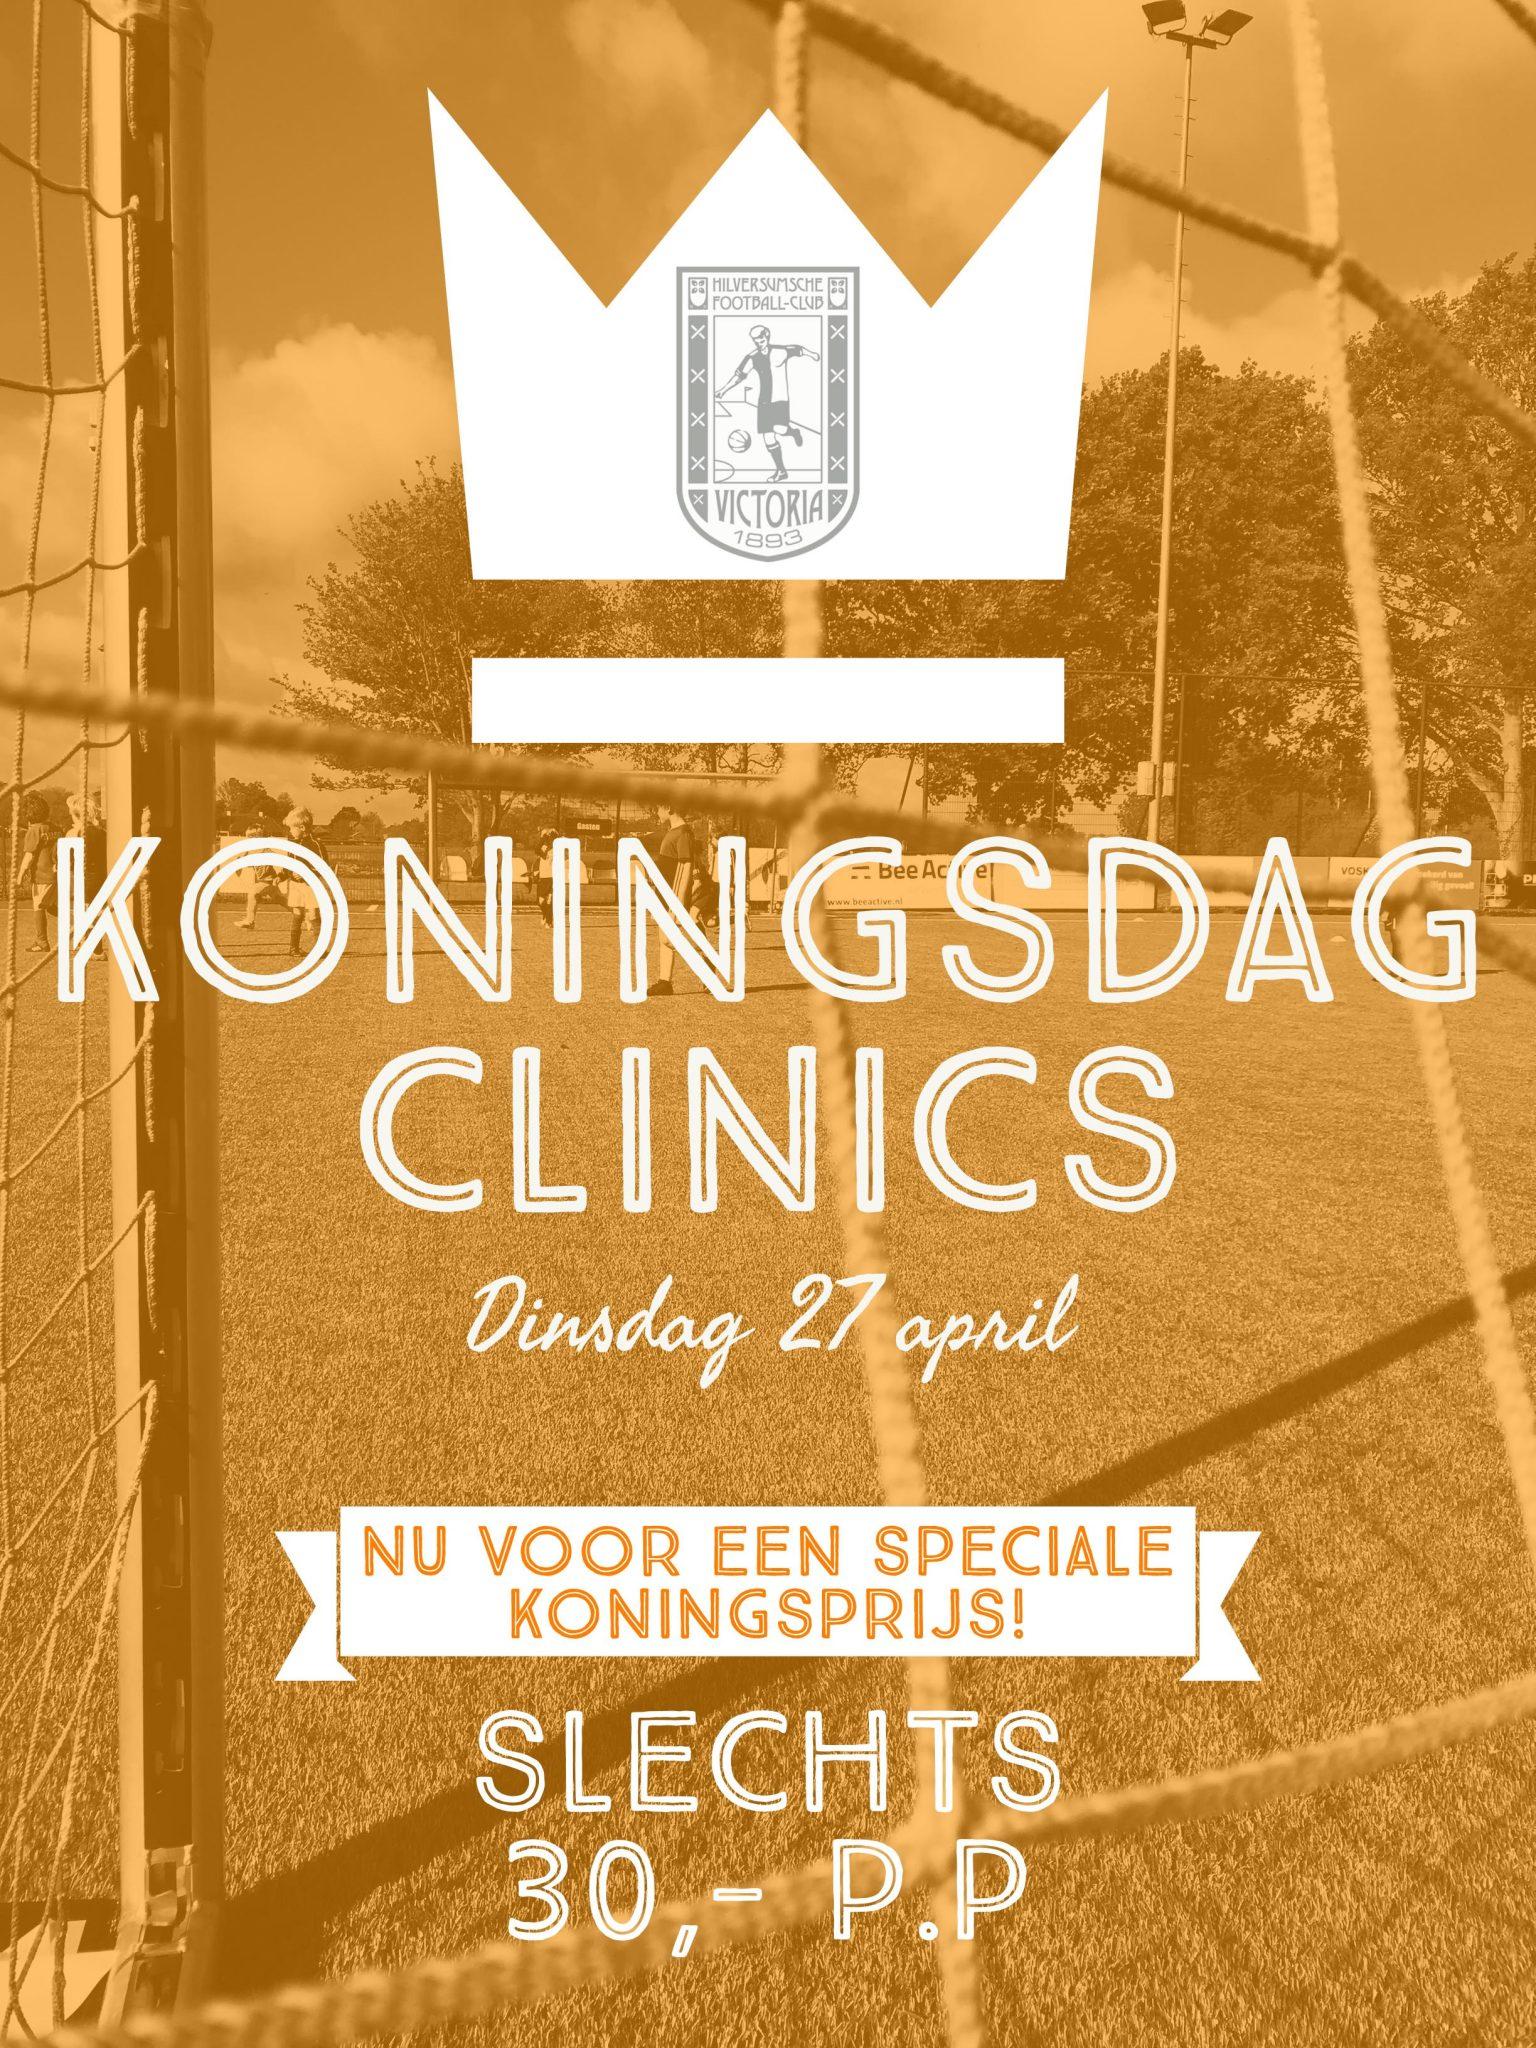 Victoria Koningsdag Clinic